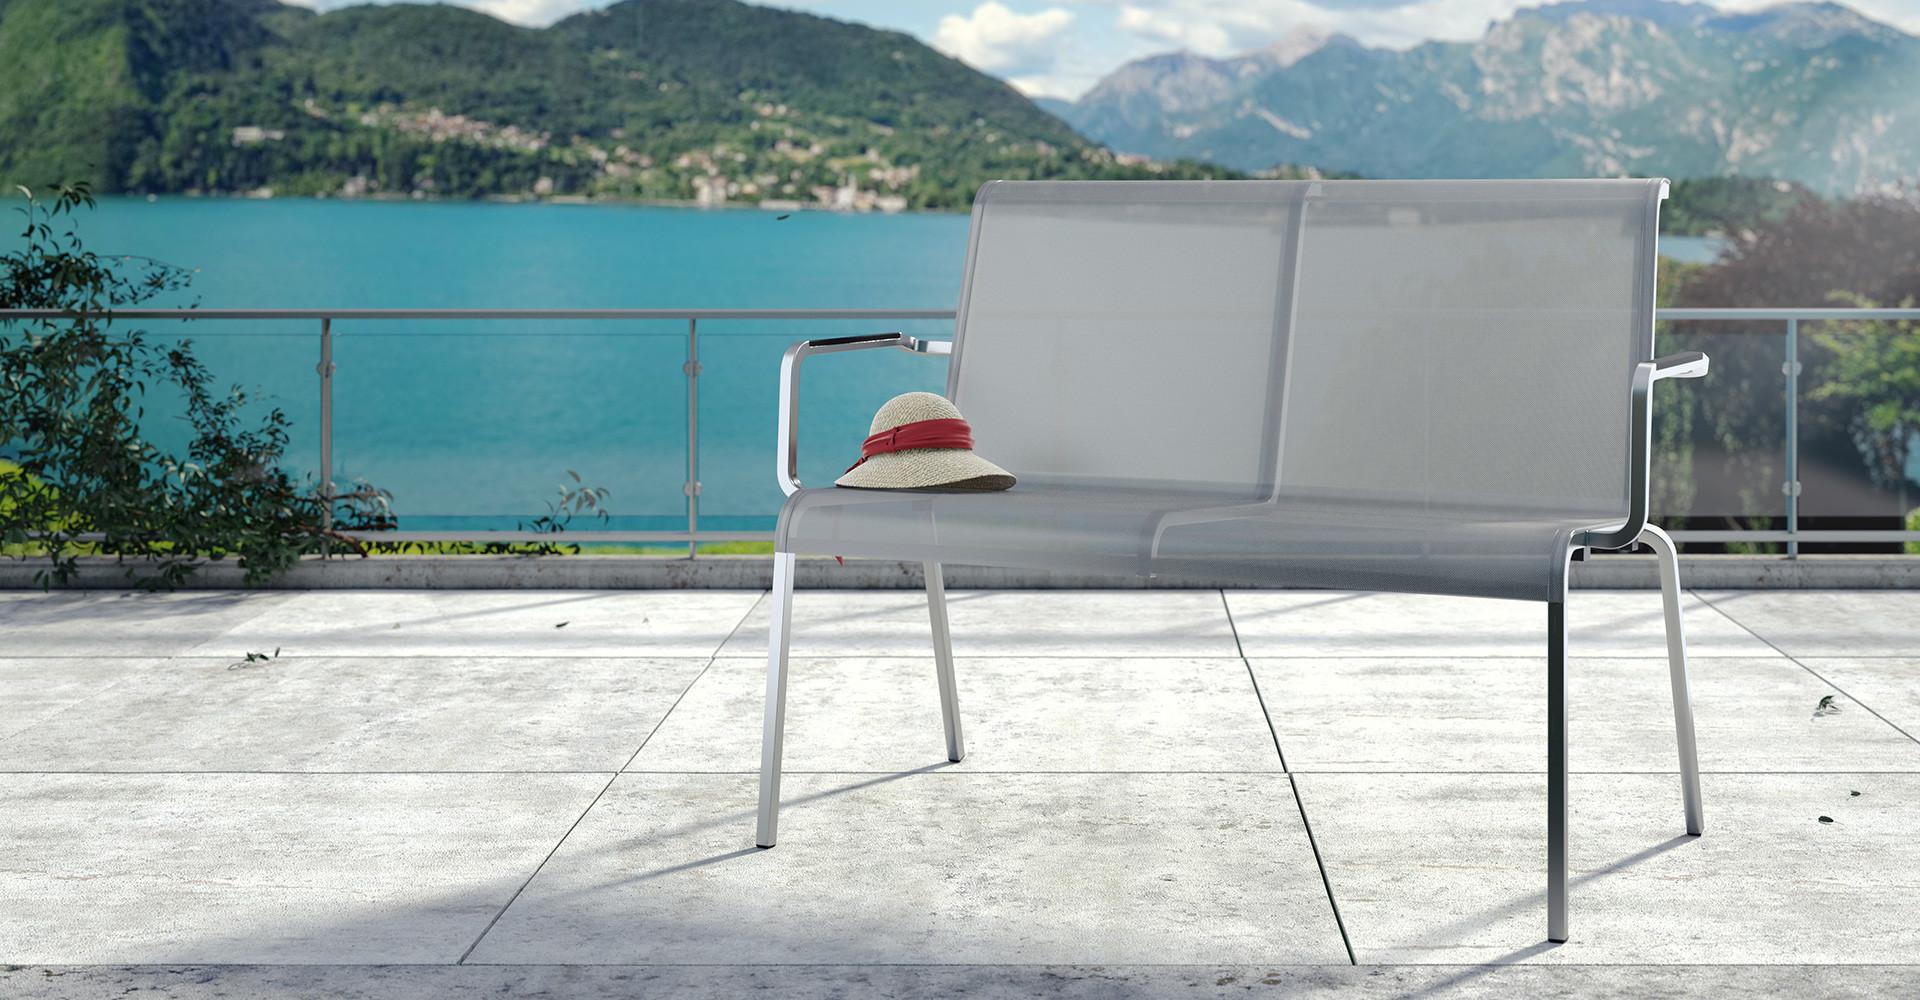 mbel klaus fischen mbel klaus fischen with mbel klaus. Black Bedroom Furniture Sets. Home Design Ideas